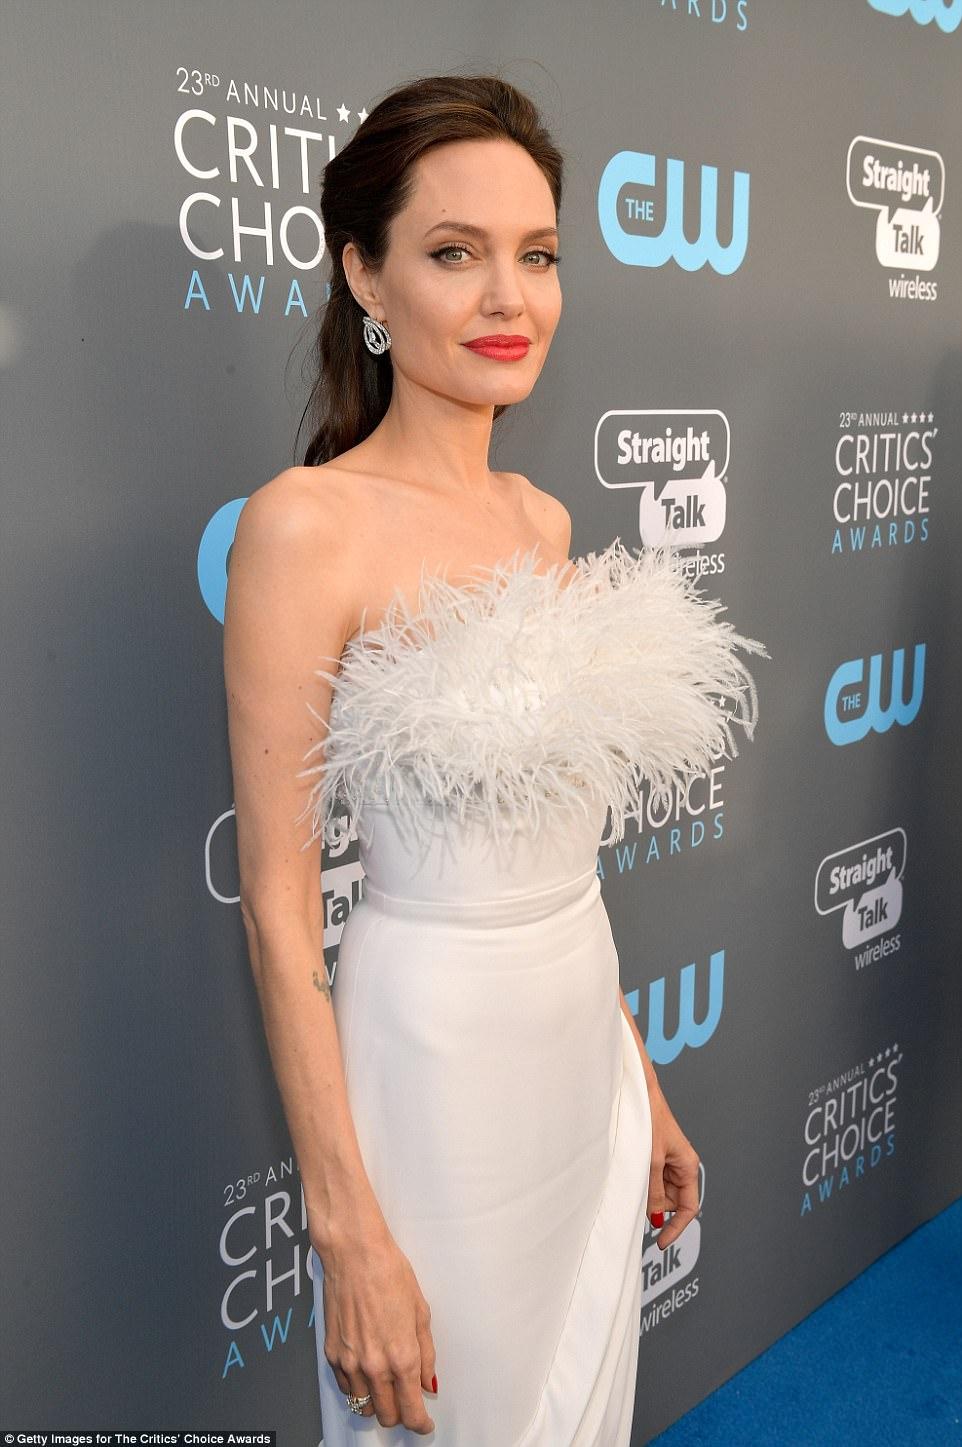 Даже белый наряд не скрыл худобу Джоли — фото